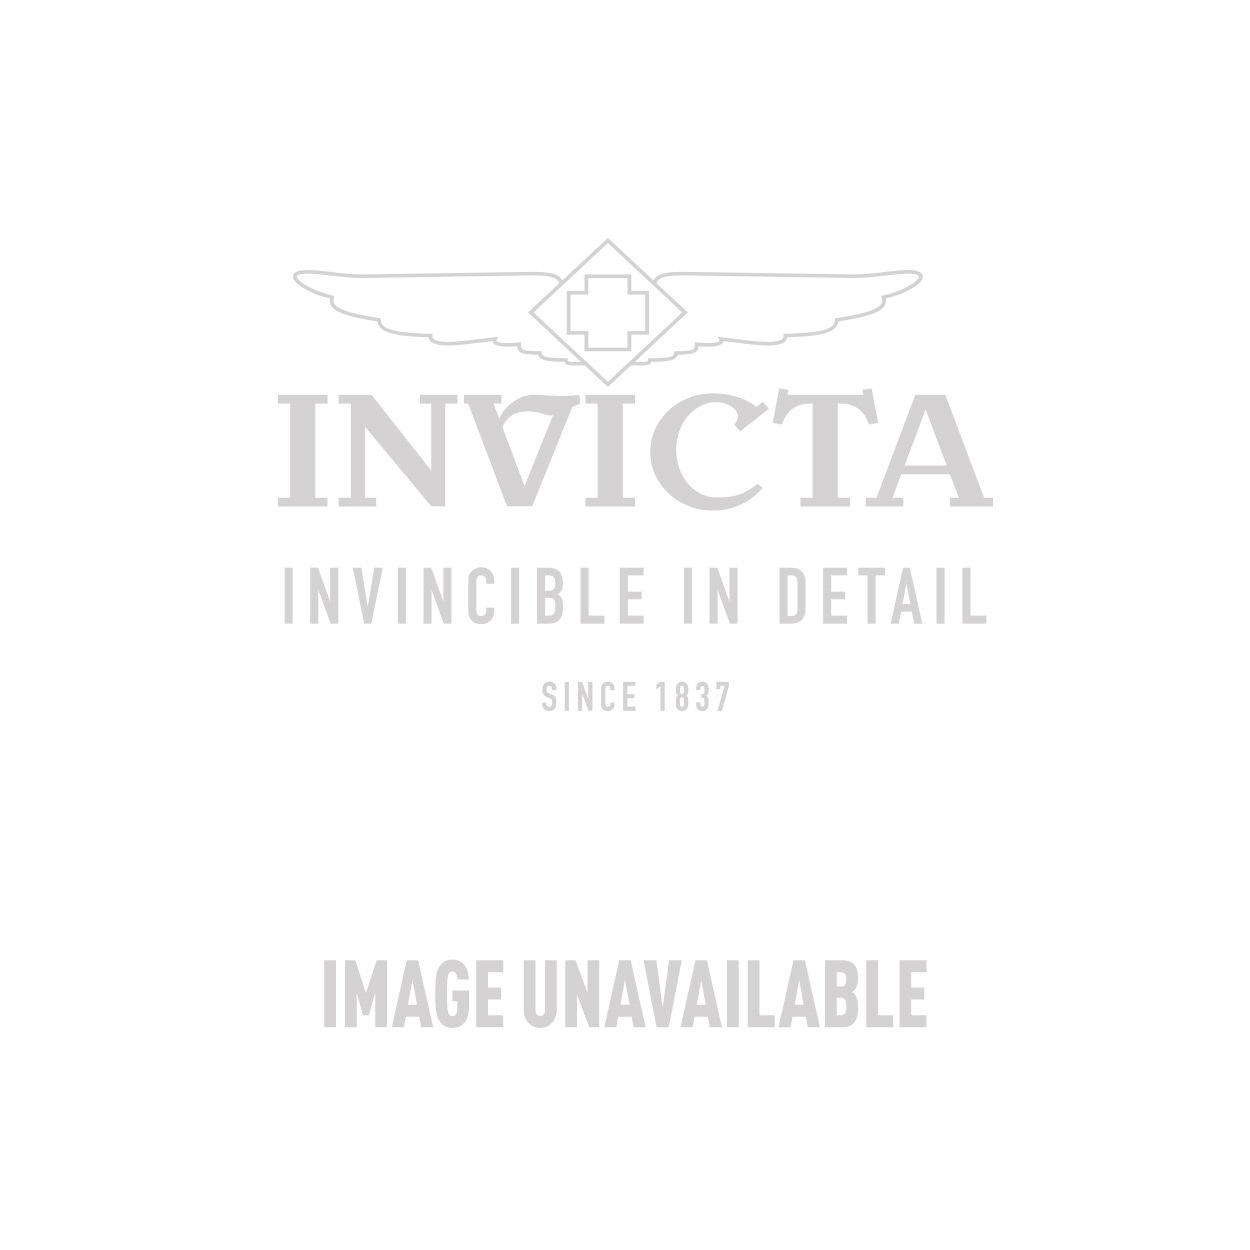 Invicta Model 27958